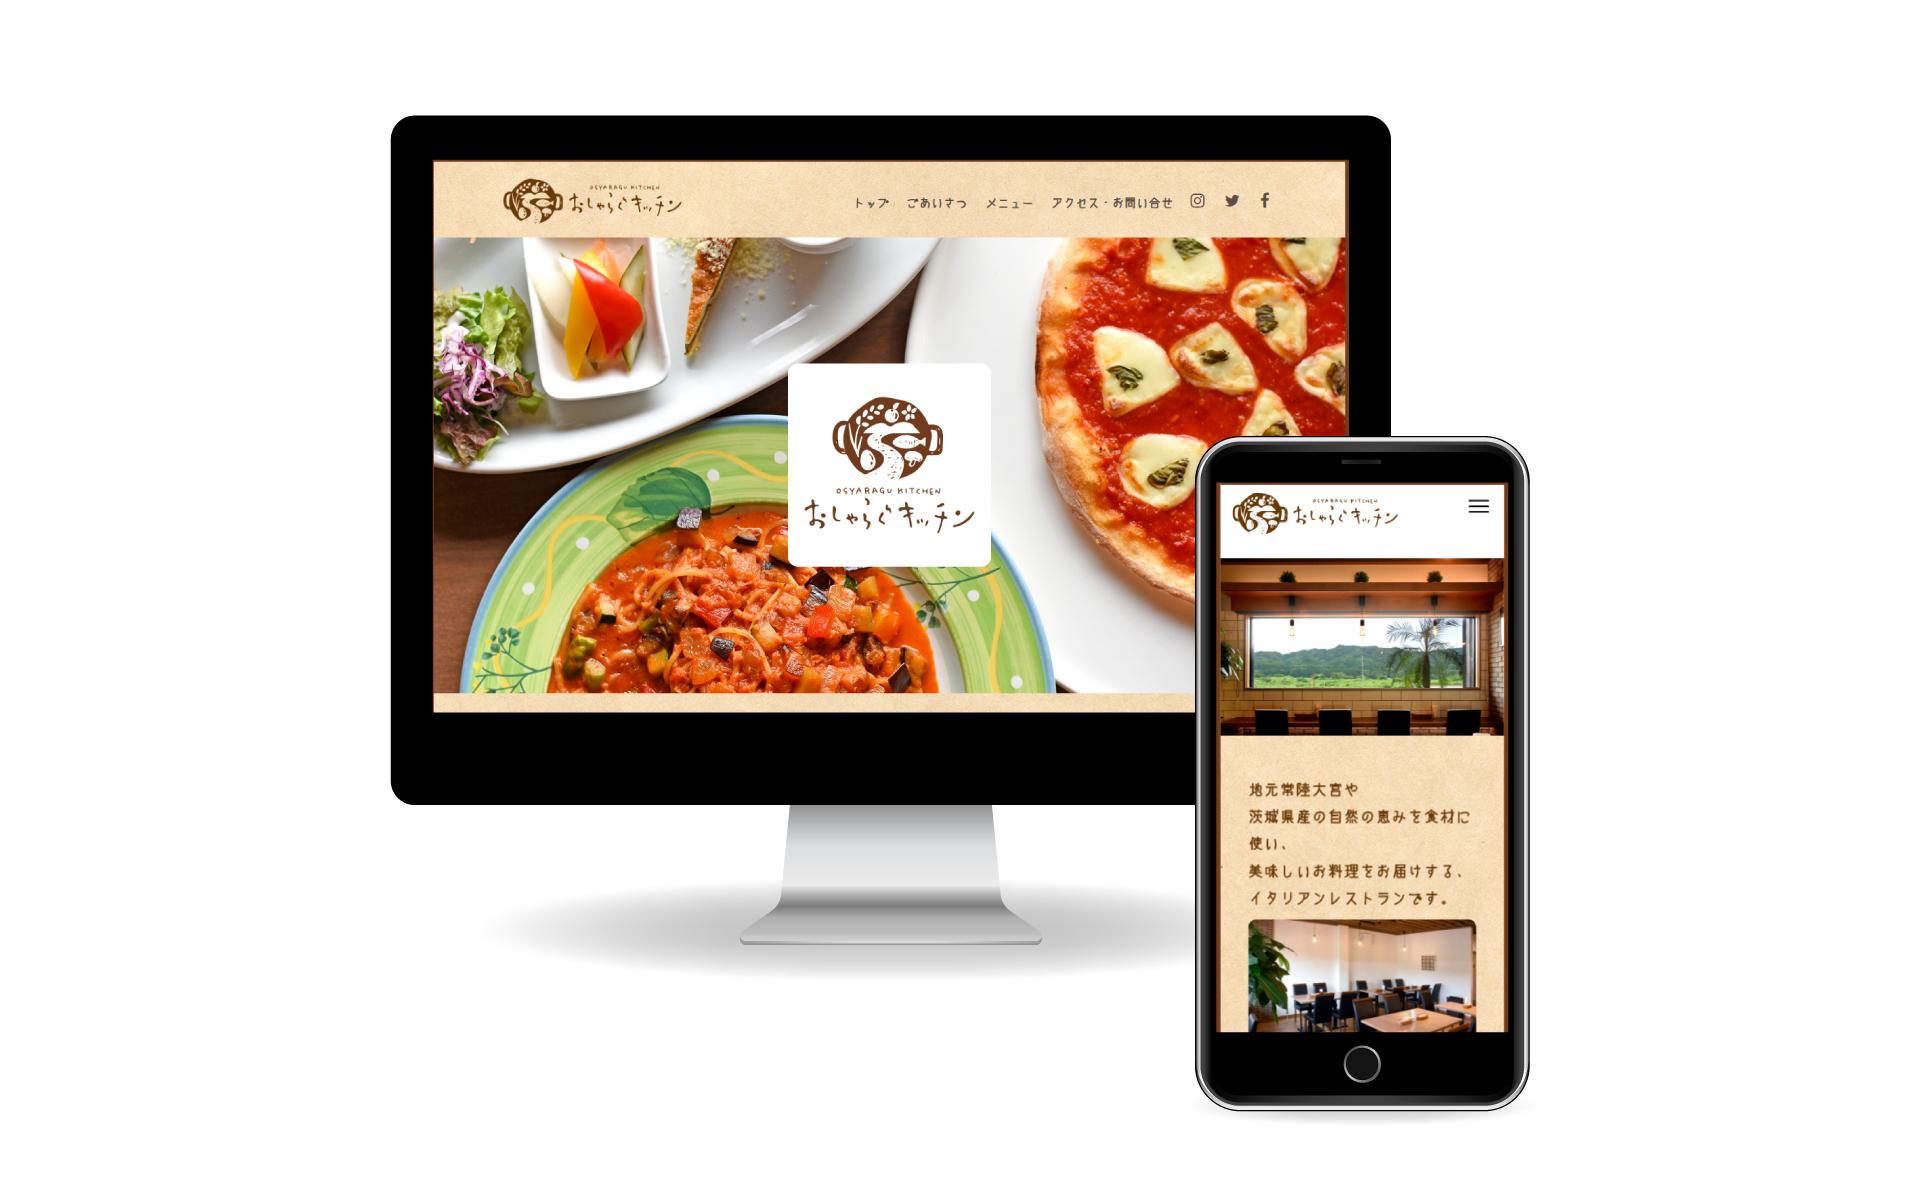 「おしゃらぐキッチン」様のホームページを実績紹介に追加しました